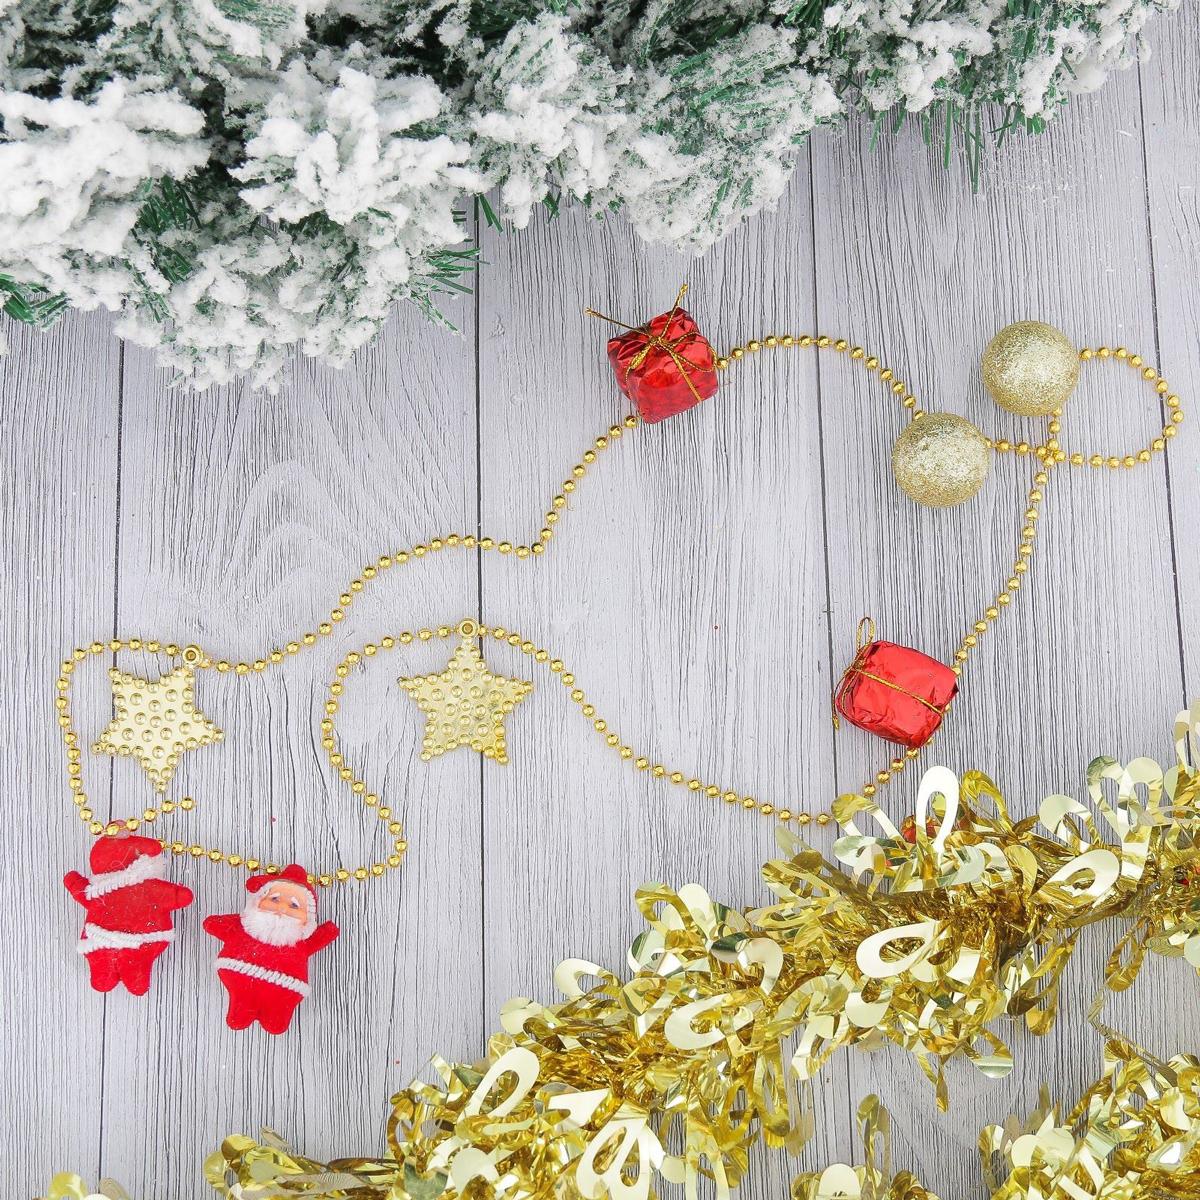 Бусы на елку Звезды, шарики, подарки, длина 90 см2371141Невозможно представить нашу жизнь без праздников! Мы всегда ждем их и предвкушаем, обдумываем, как проведем памятный день, тщательно выбираем подарки и аксессуары, ведь именно они создают и поддерживают торжественный настрой. Это отличный выбор, который привнесет атмосферу праздника в ваш дом!